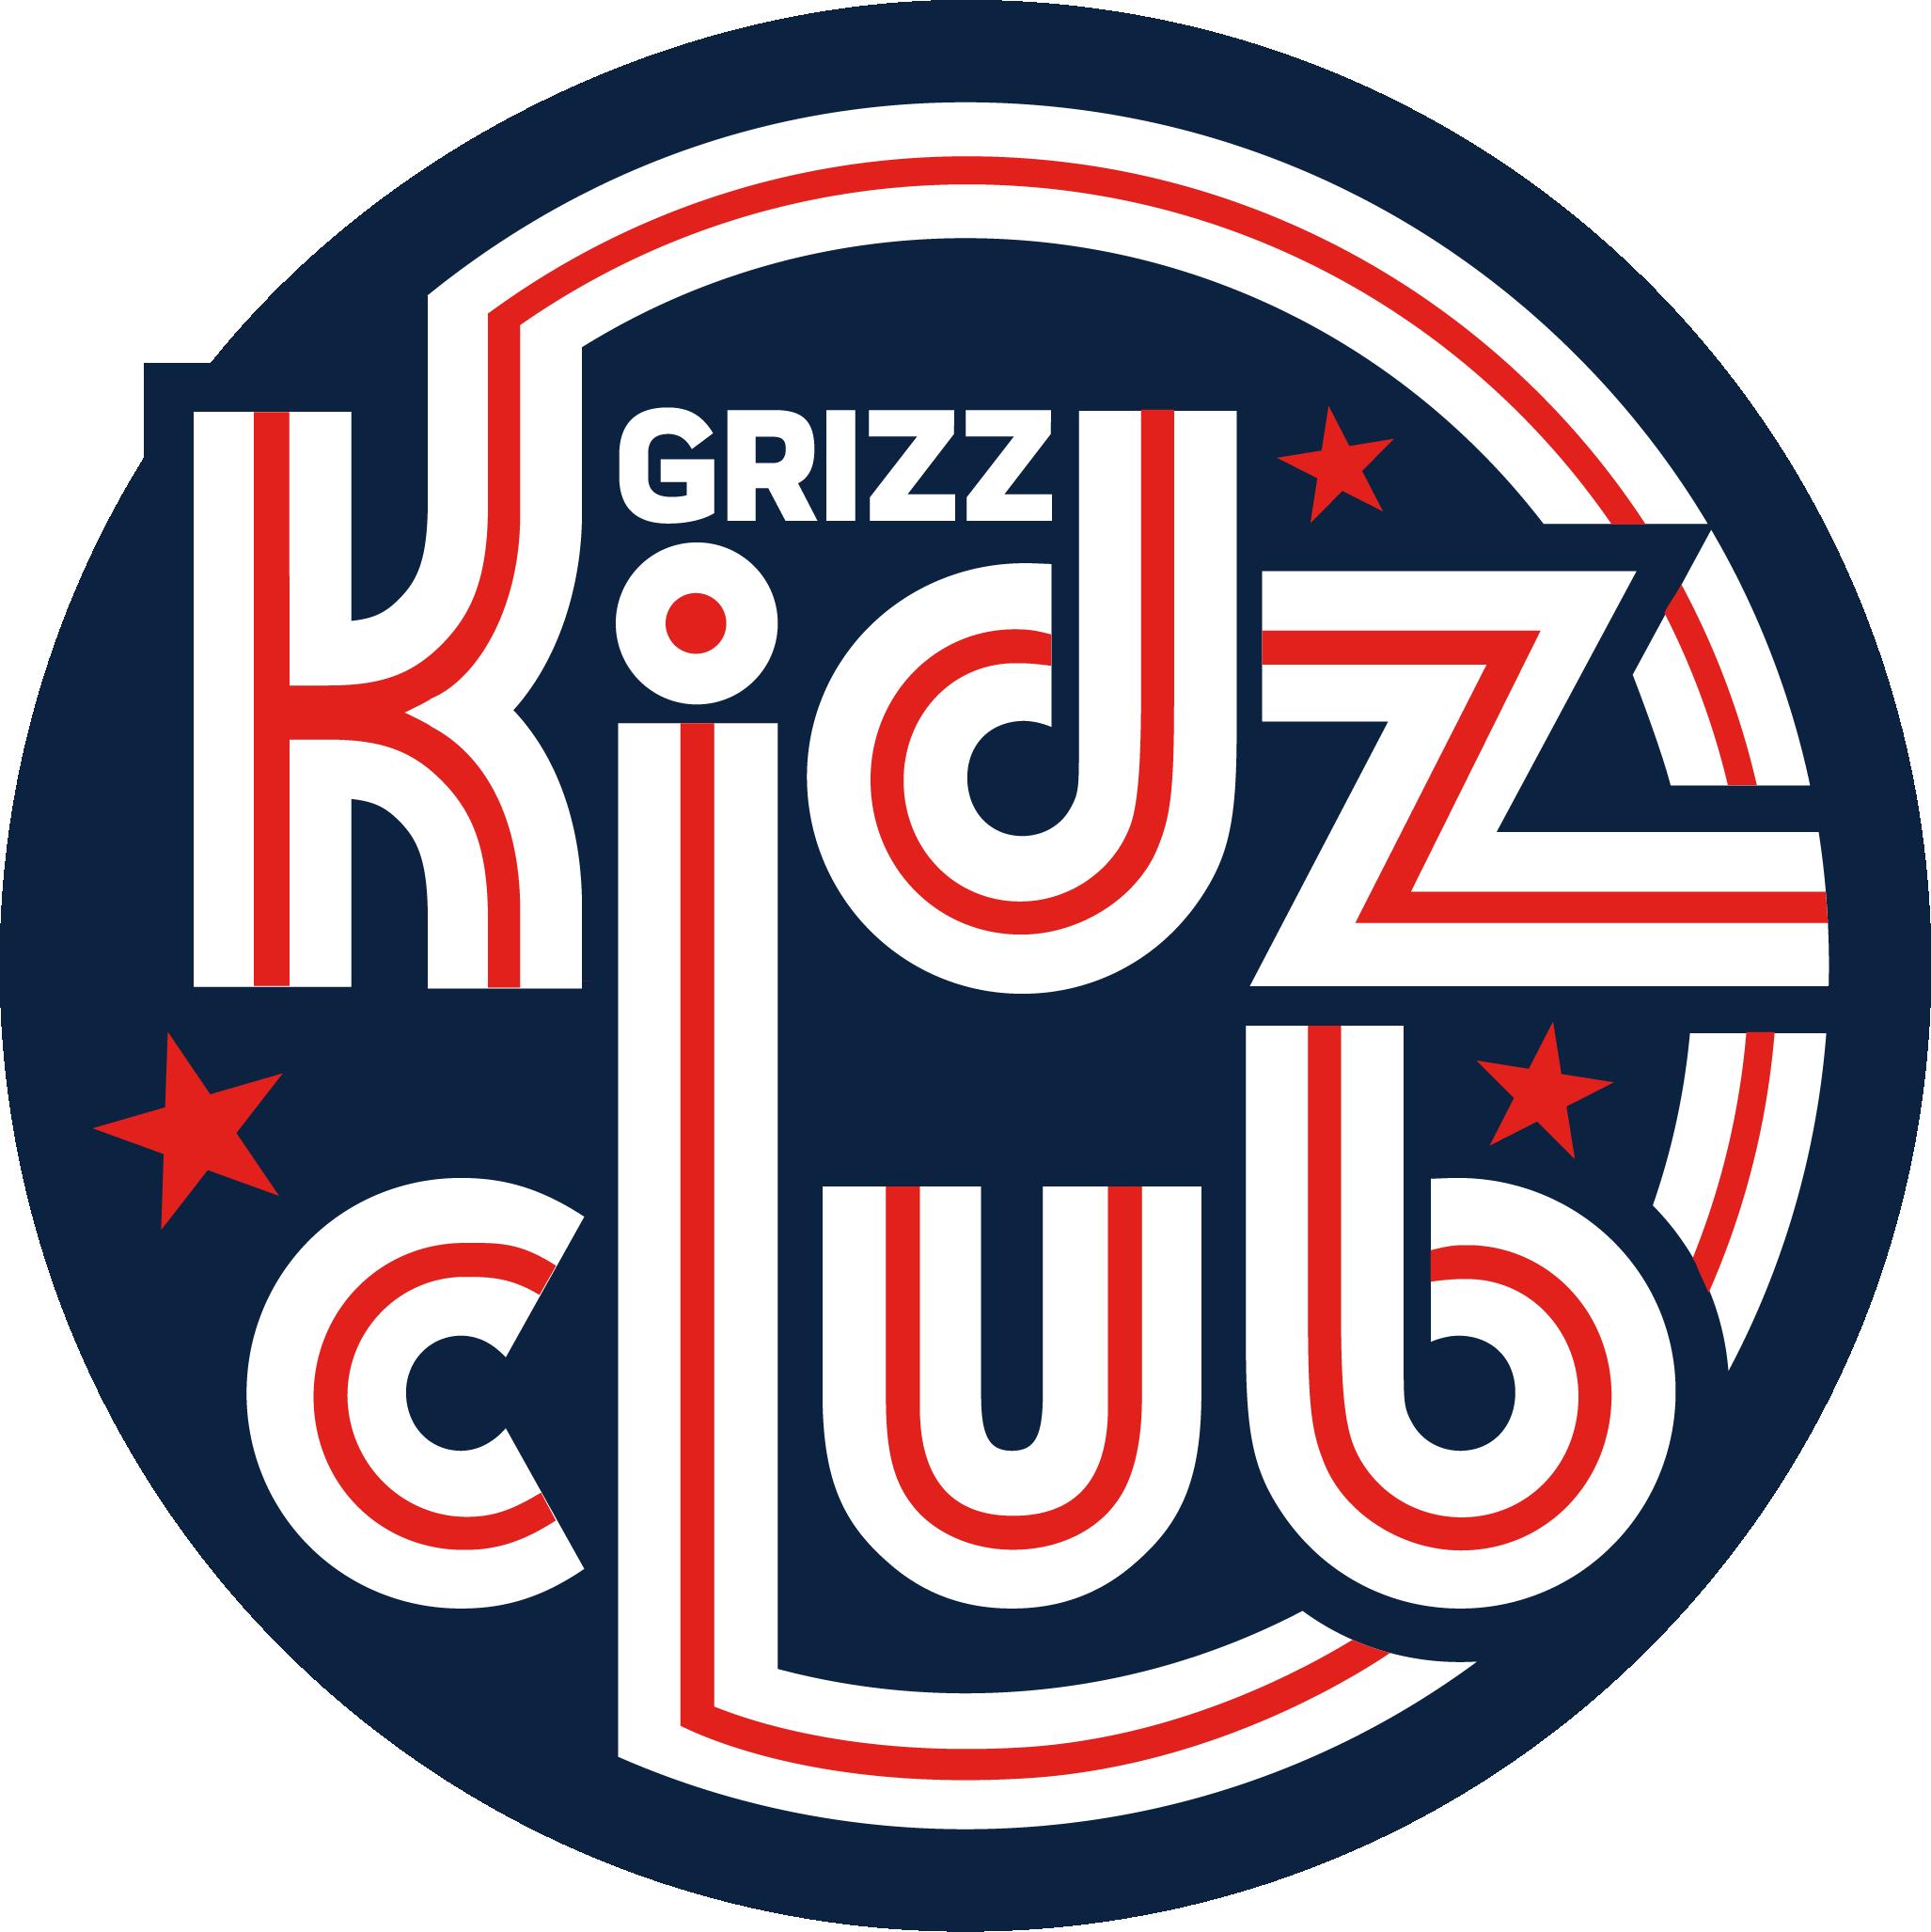 Kidz Club Large Logo